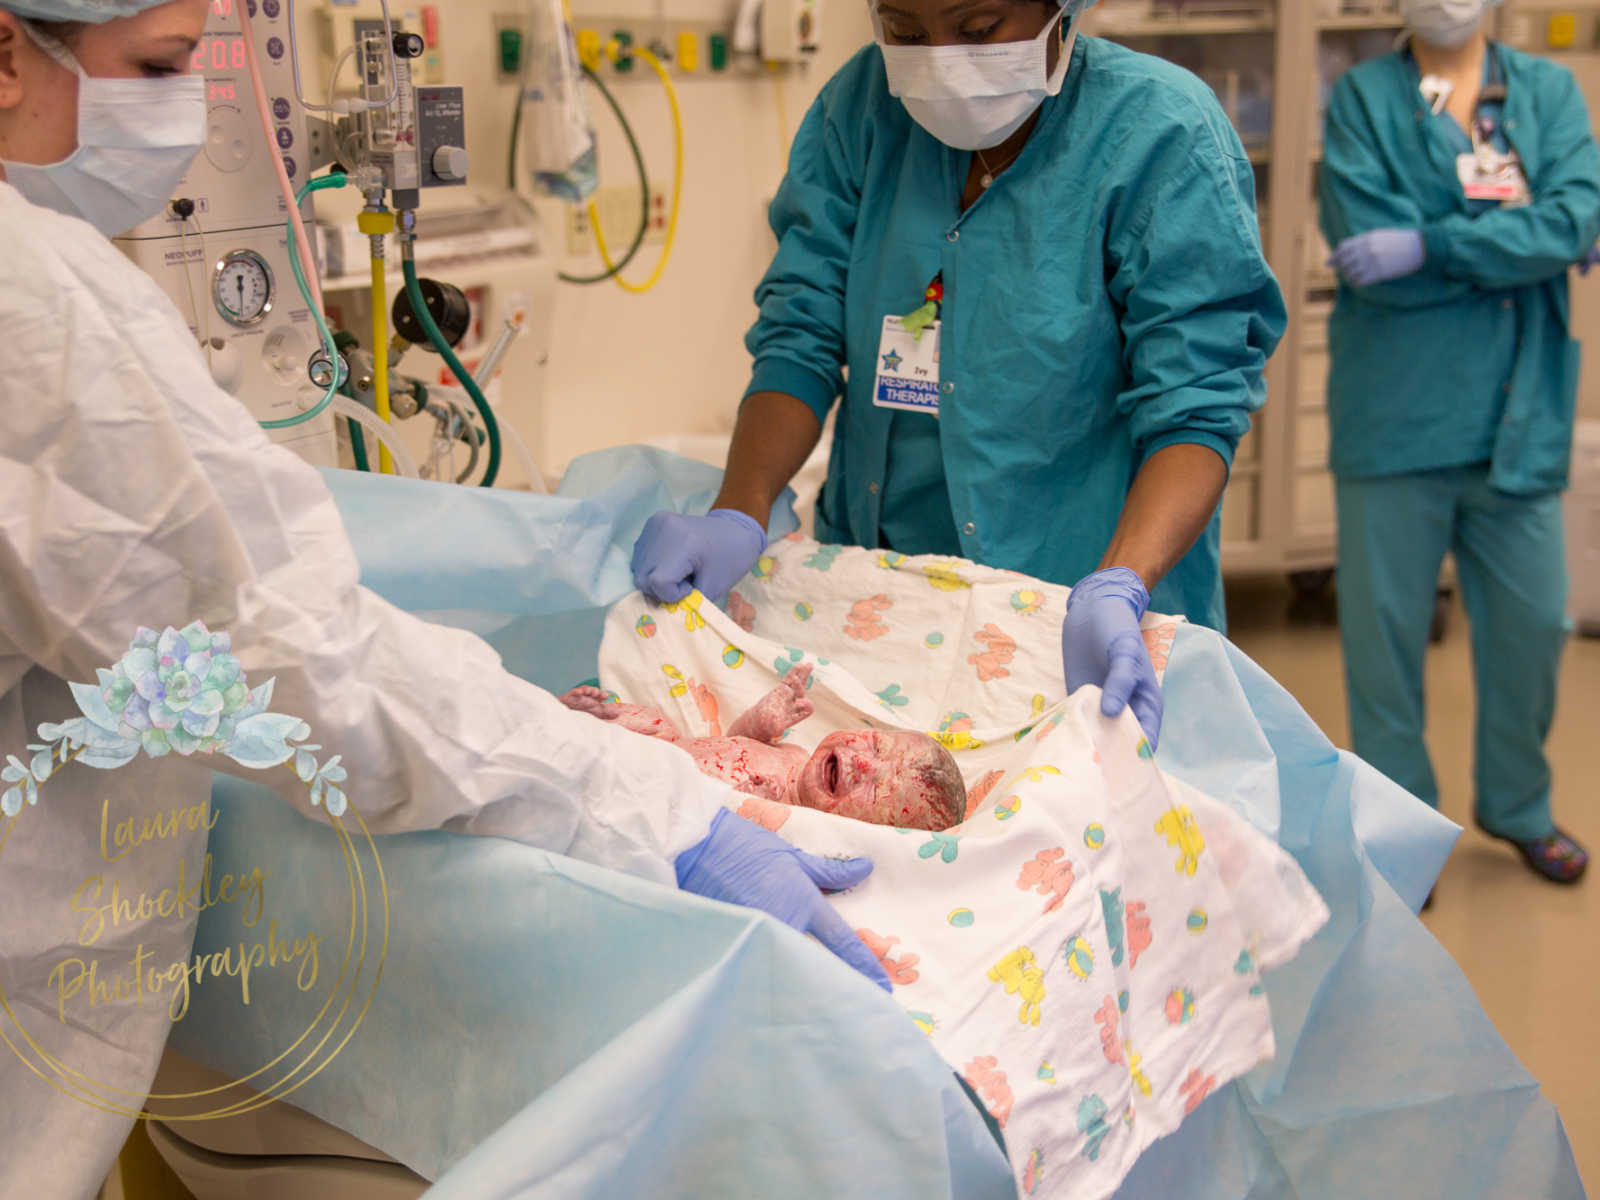 Fotógrafa captura cesariana de bebê que levou 4 dias pra nascer 8